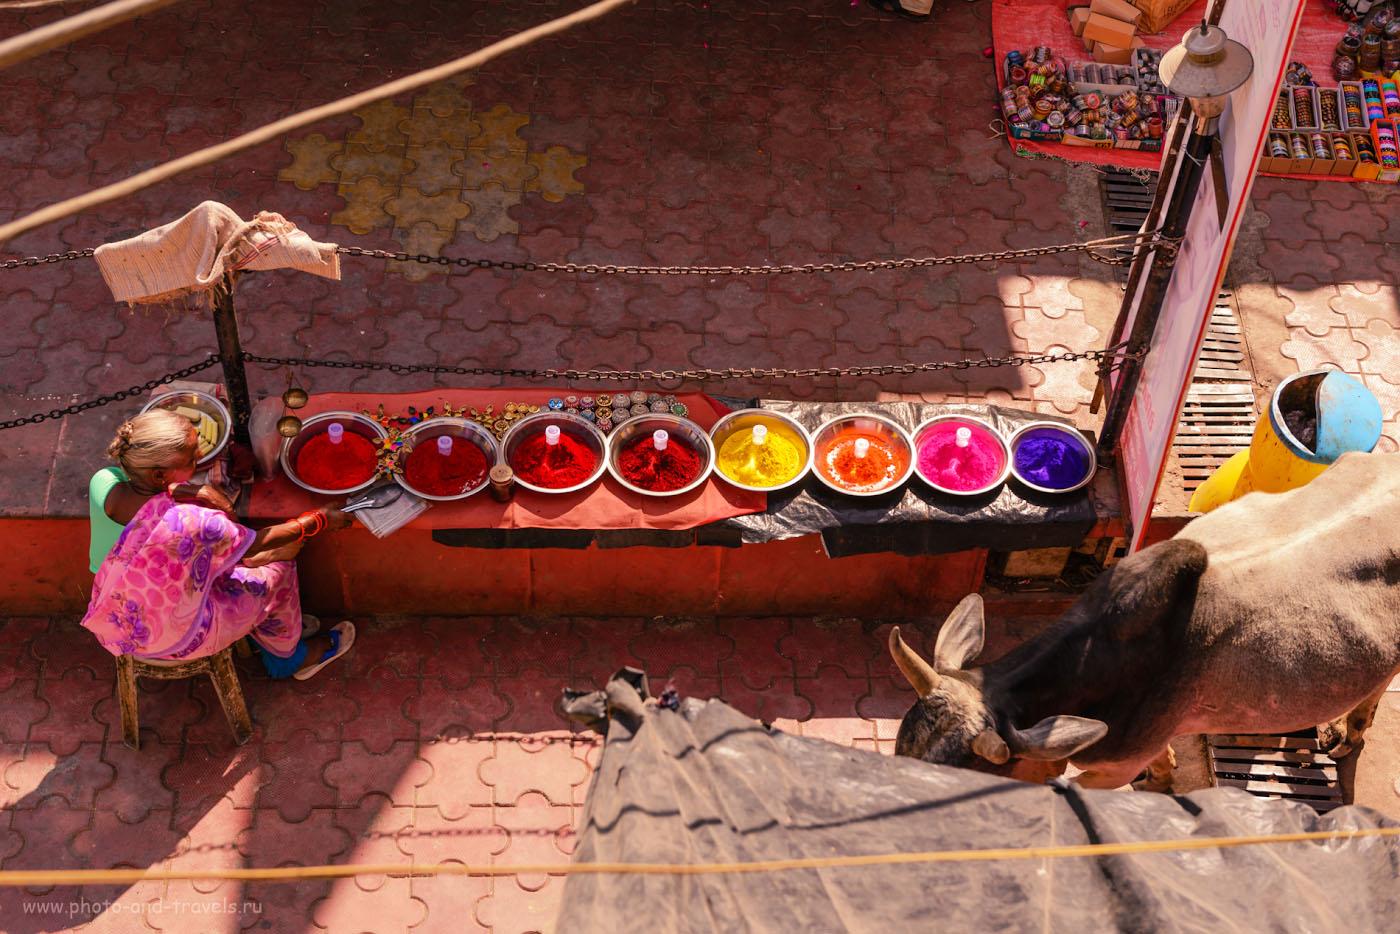 """Фото 1. Вид с террасы нашего гестхауса """"ShriMahantGuest House Orchha"""" в Орчхе. Отзывы о самостоятельной поездке в Индию. Камера Nikon D610, объектив Nikon 24-70mm f/2.8G. Настройки: выдержка 1/500 сек., экспокоррекция +0.33EV, ISO 100, фокусное расстояние 50 мм."""